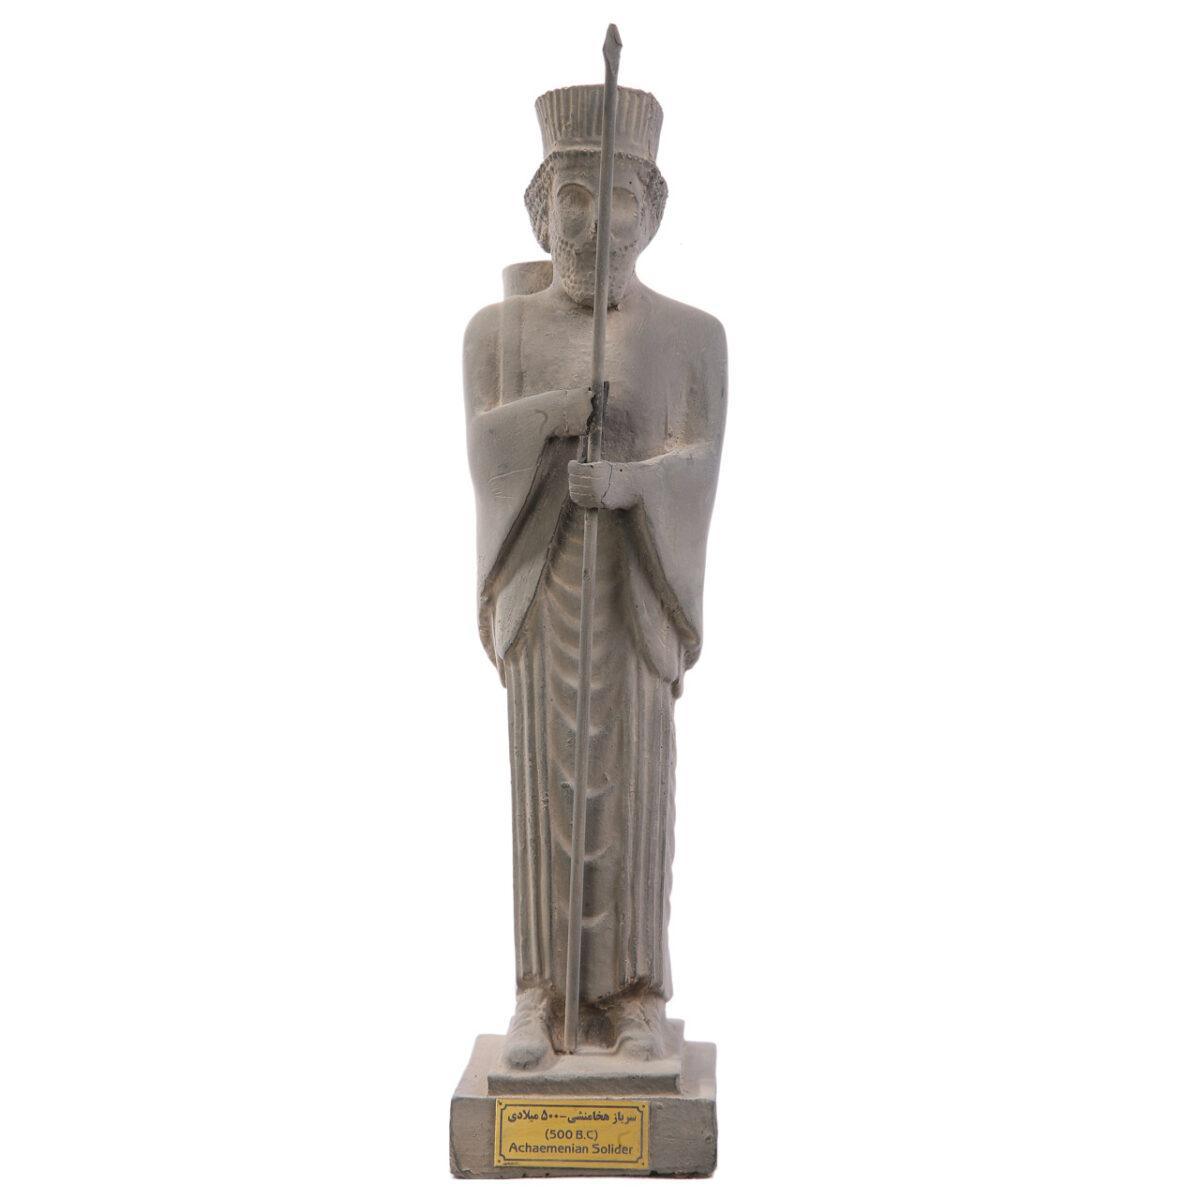 مجسمه تندیس و پیکره شهریار مدل سرباز نیزه دار پارسی کد MO1670 سایز متوسط